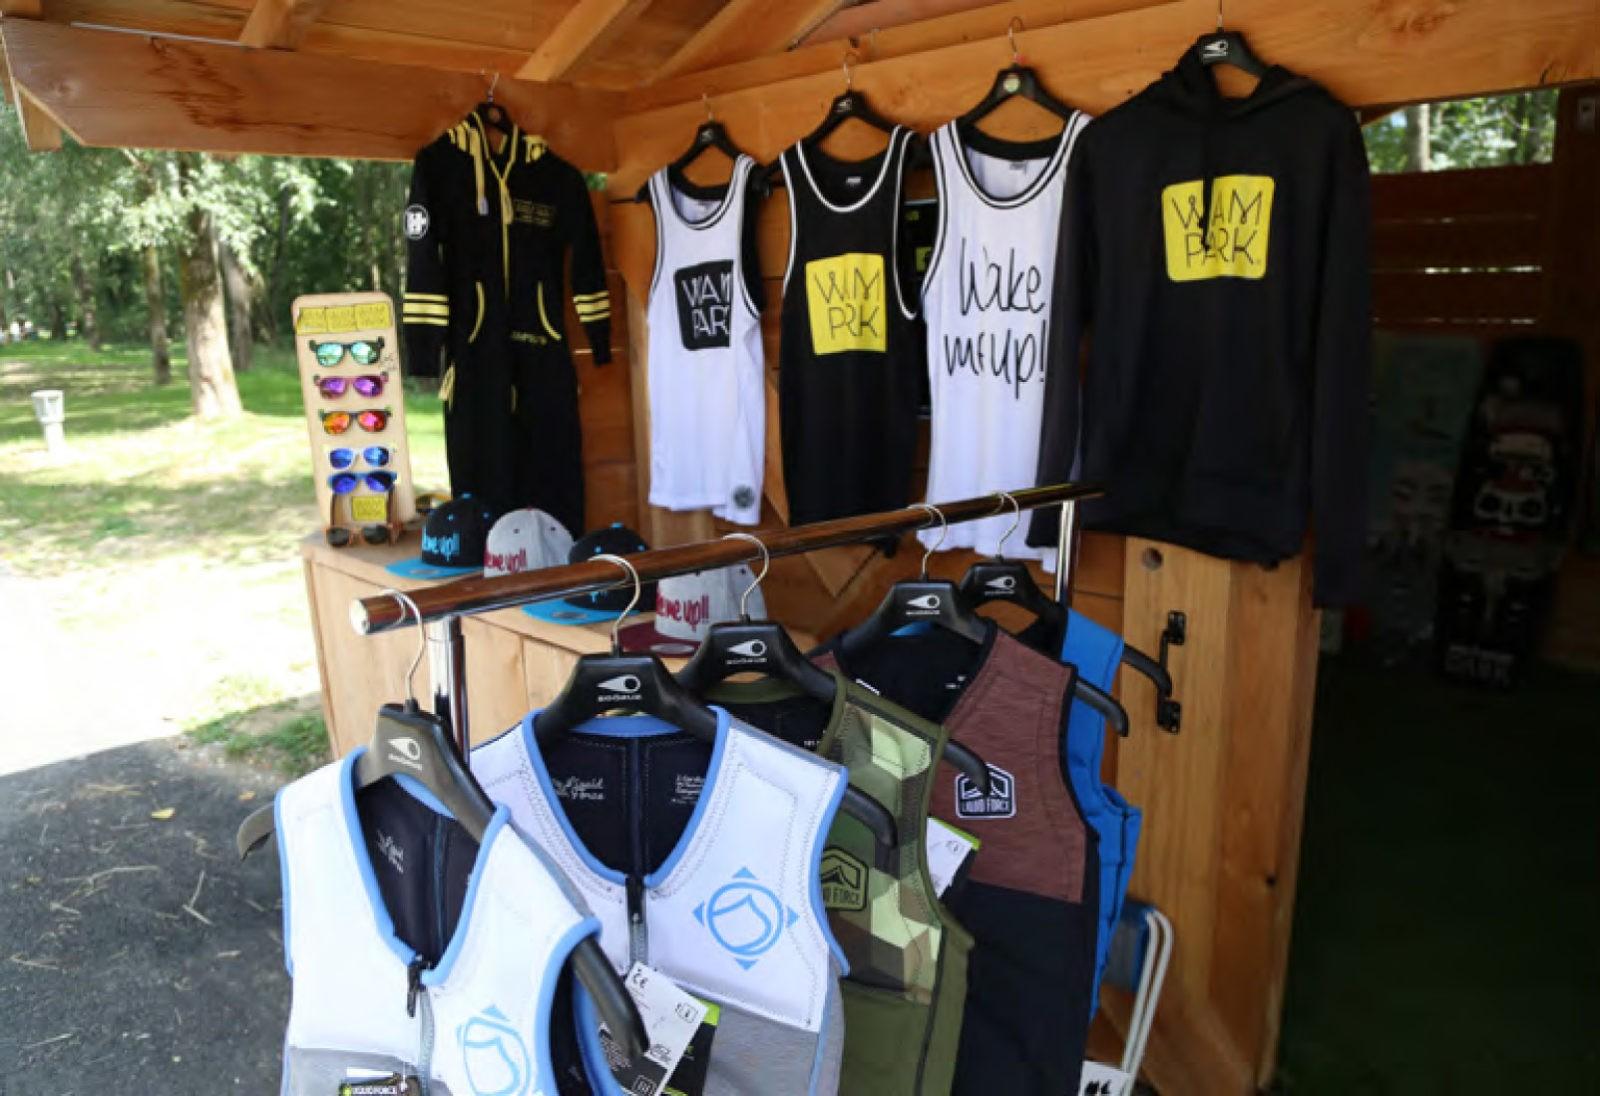 Création de textile teeshirt casquette sweatshirt pour la base de loisir WAM PARK Savoie